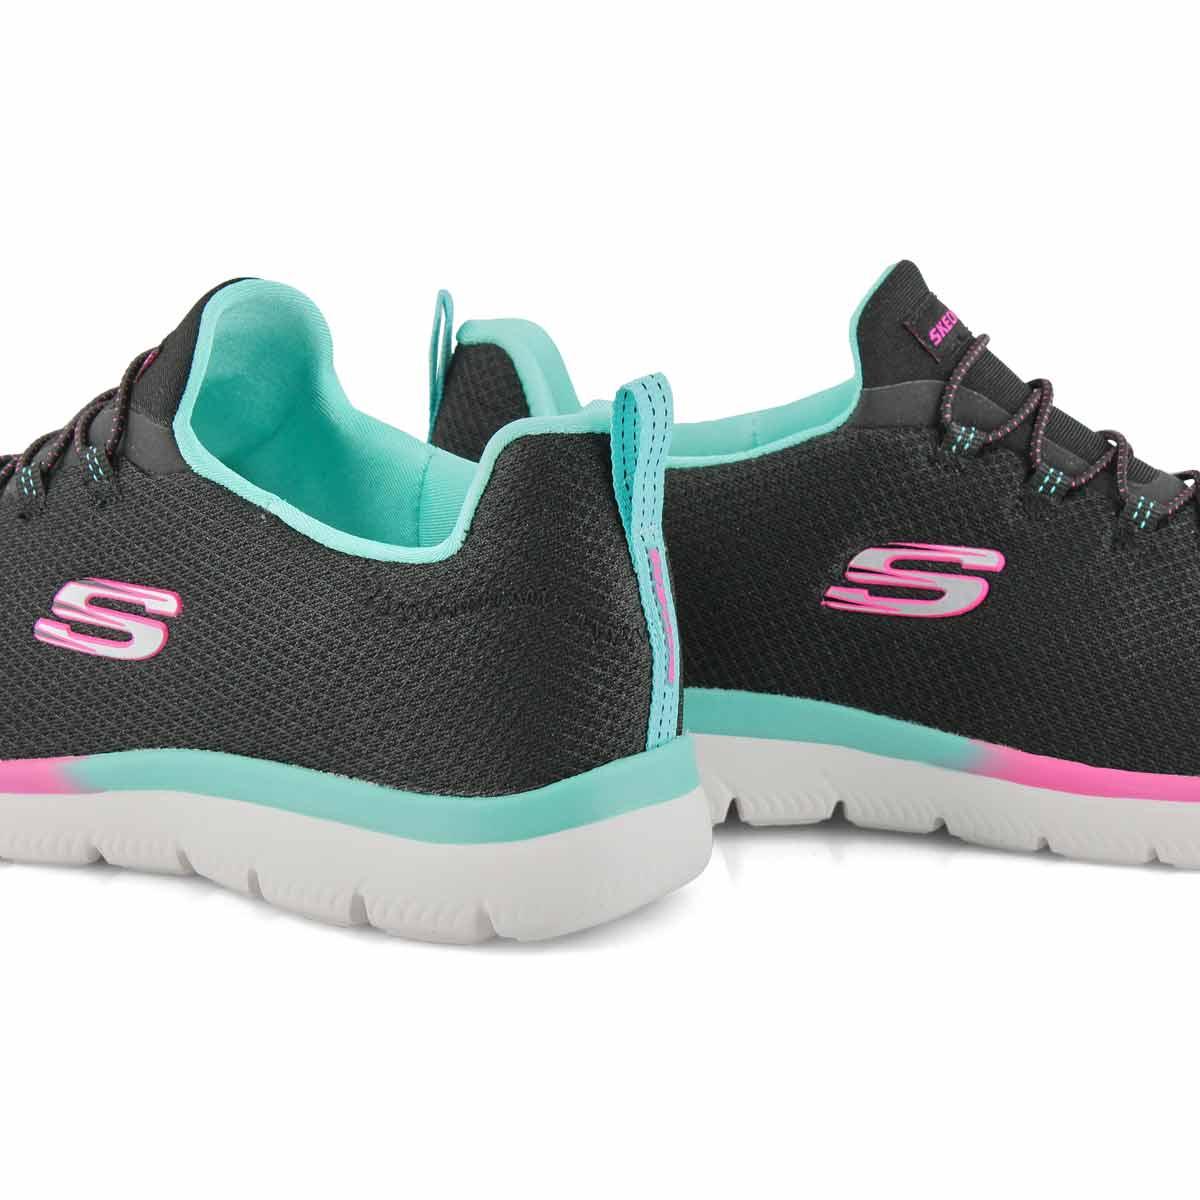 Lds Summits blk/blu/pnk slip on sneaker